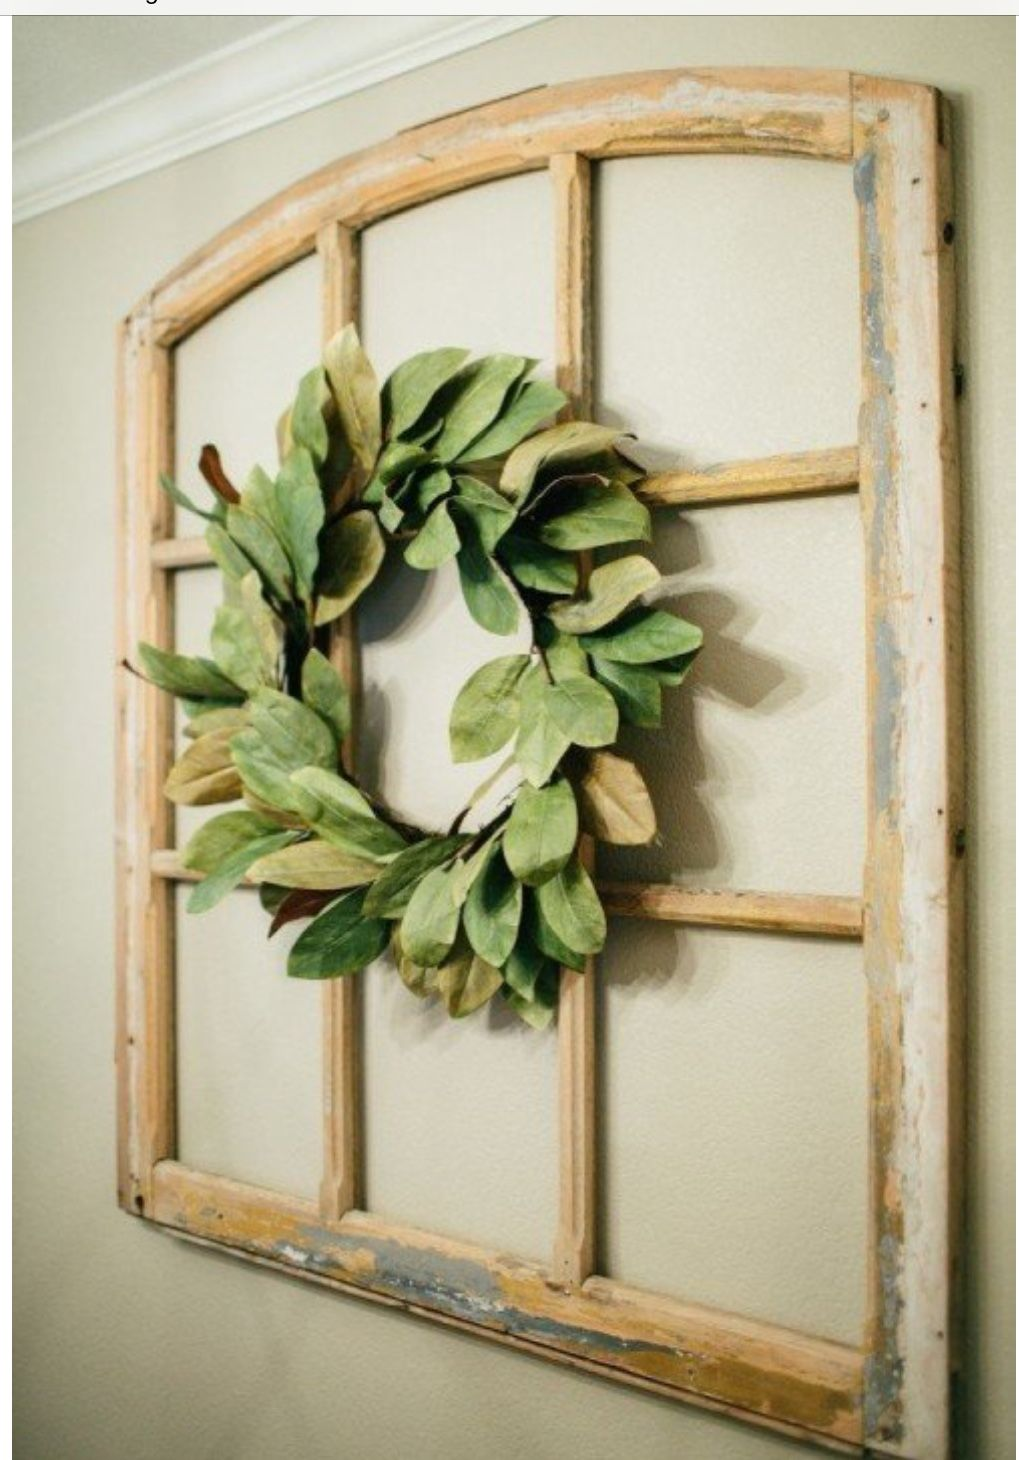 Fixer Upper Magnolia Wreath In Old Window Pane Farmhouse Wall Decor Home Decor Magnolia Homes